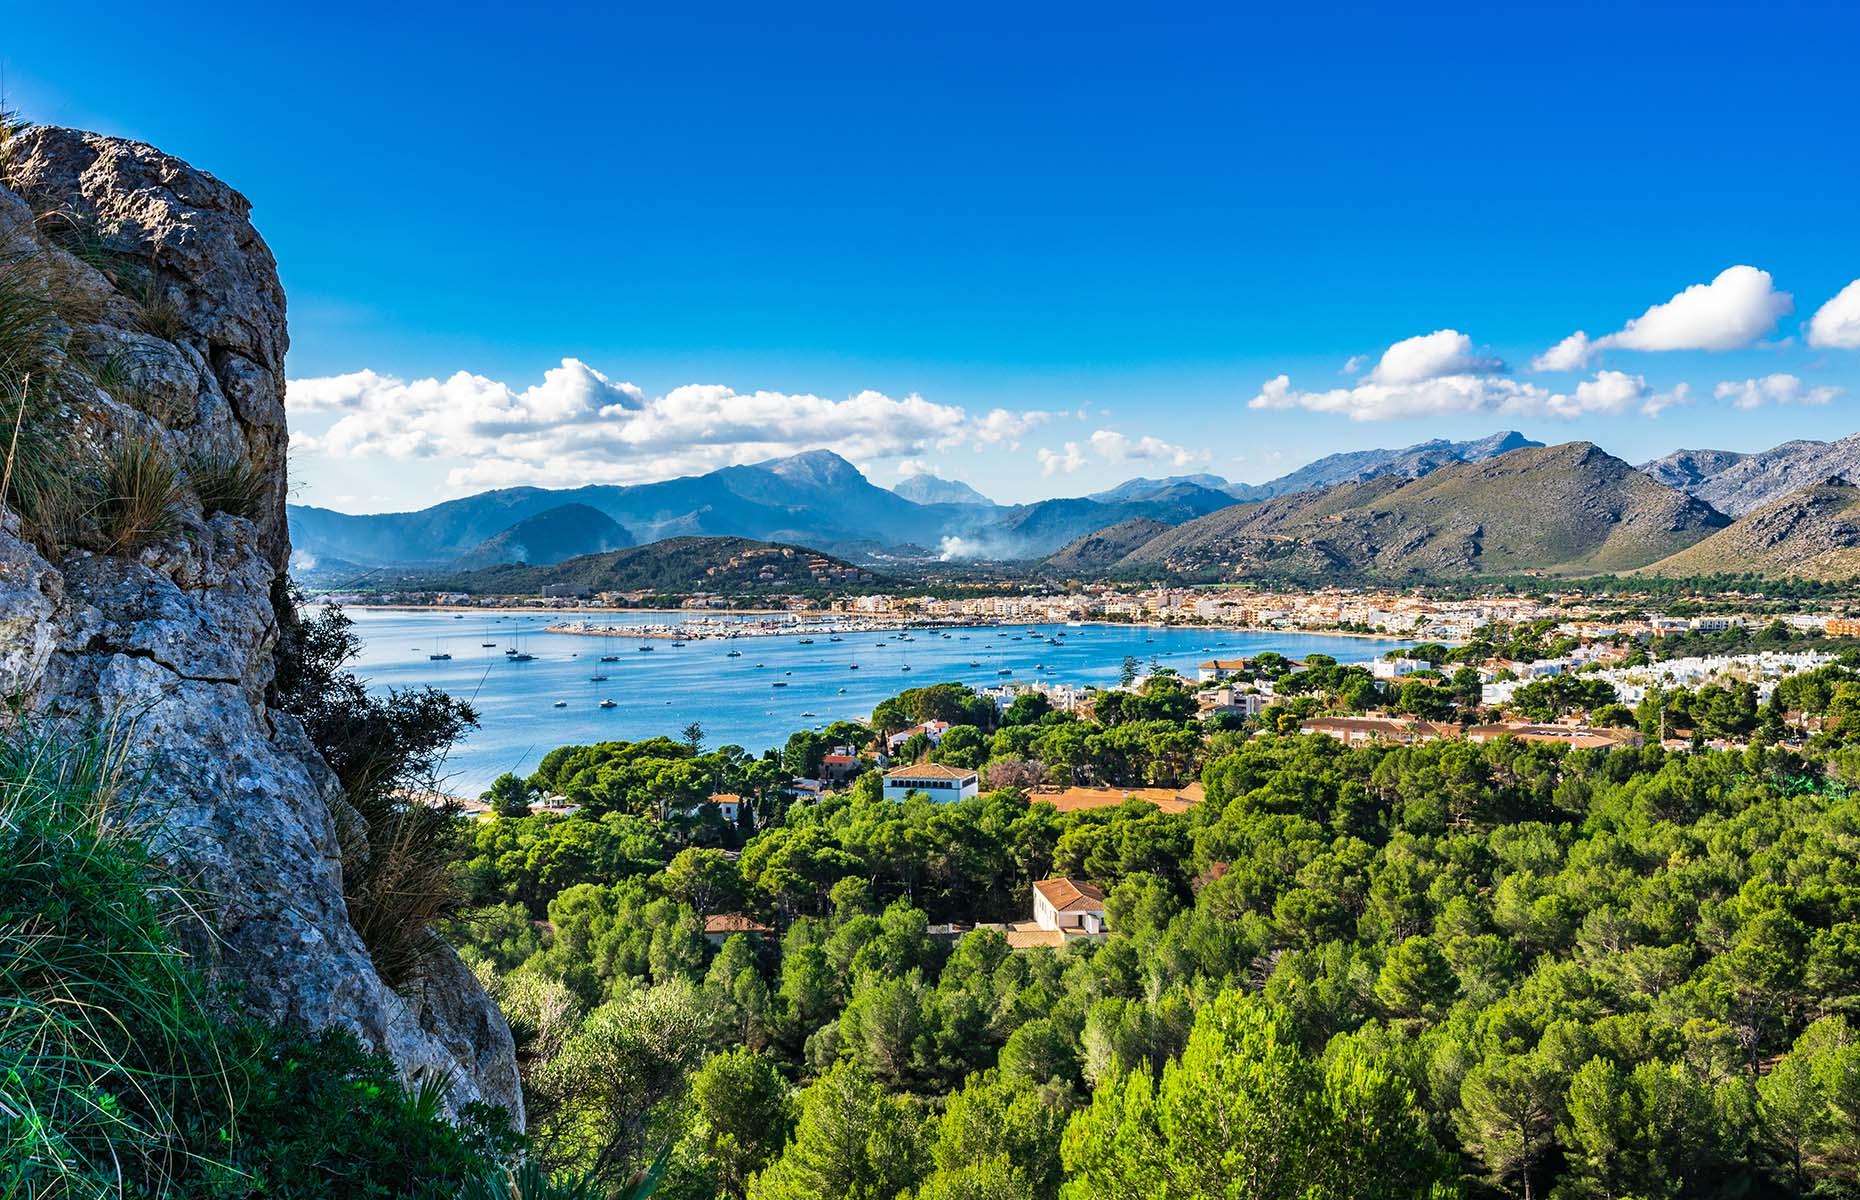 Pollenca in Mallorca (Image: vulcano/Shutterstock)